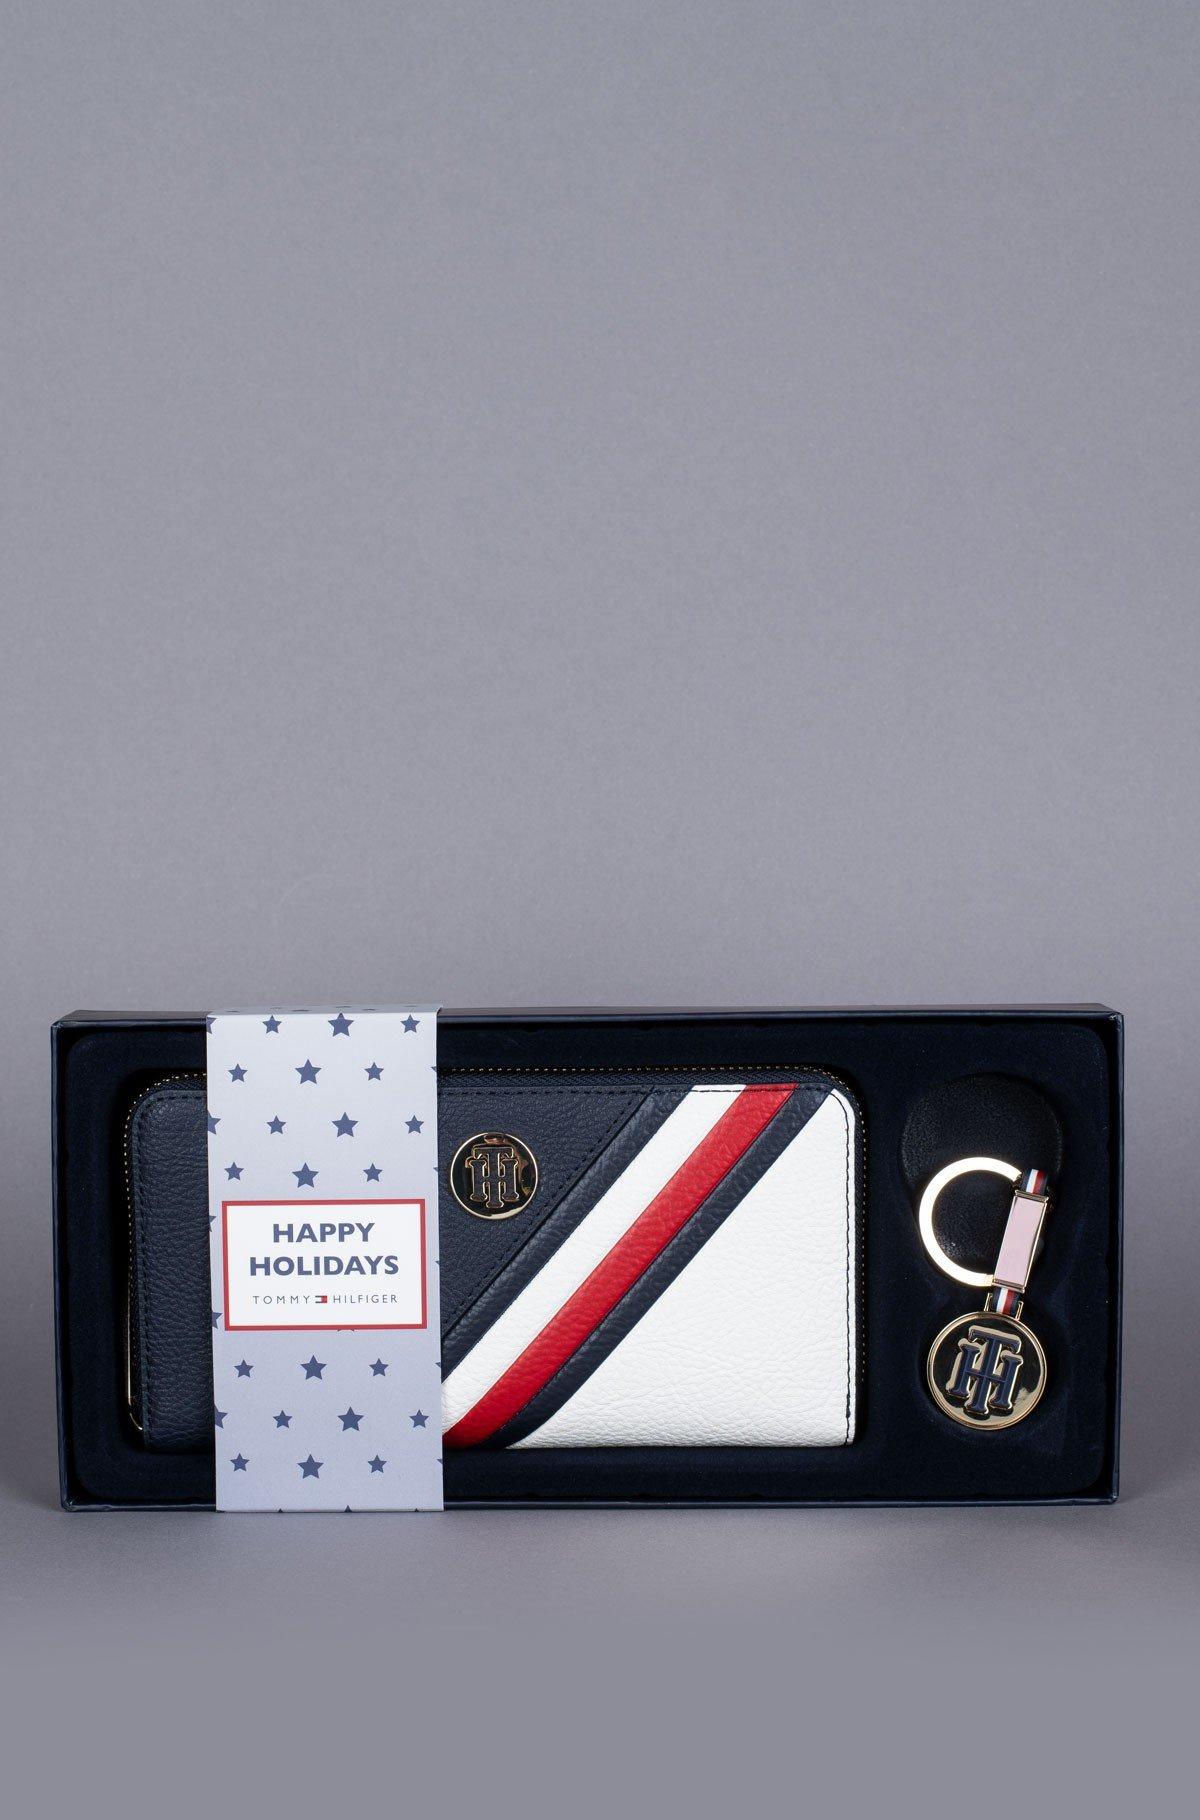 Piniginė ir raktų pakabukas dovanų dėžutėje GP TH CORE LRG ZA W KEYFOB-full-1